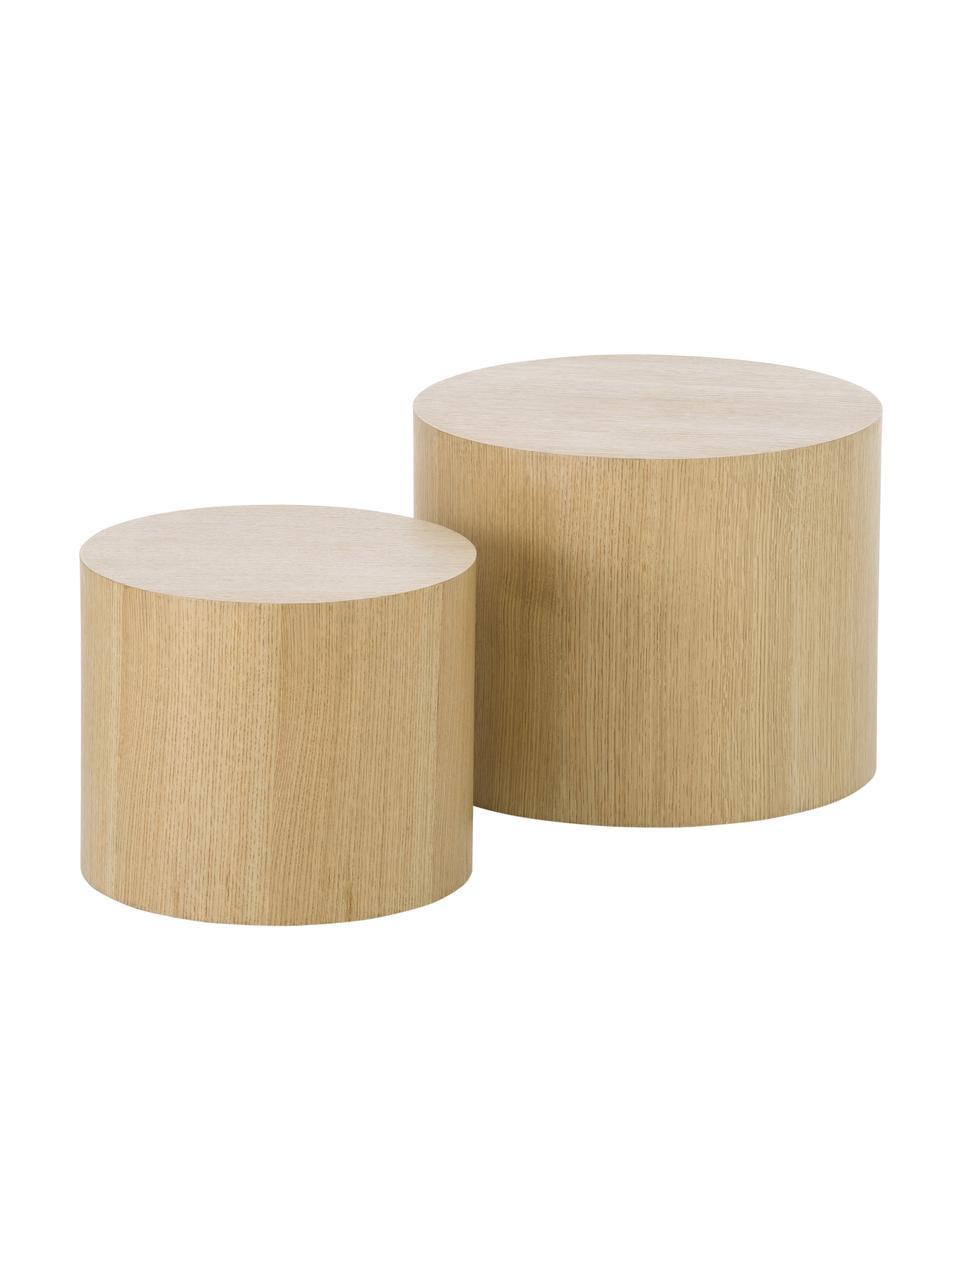 Set 2 tavolini in legno Dan, Pannello di fibra a media densità (MDF) con finitura in legno di quercia, Marrone chiaro, Set in varie misure